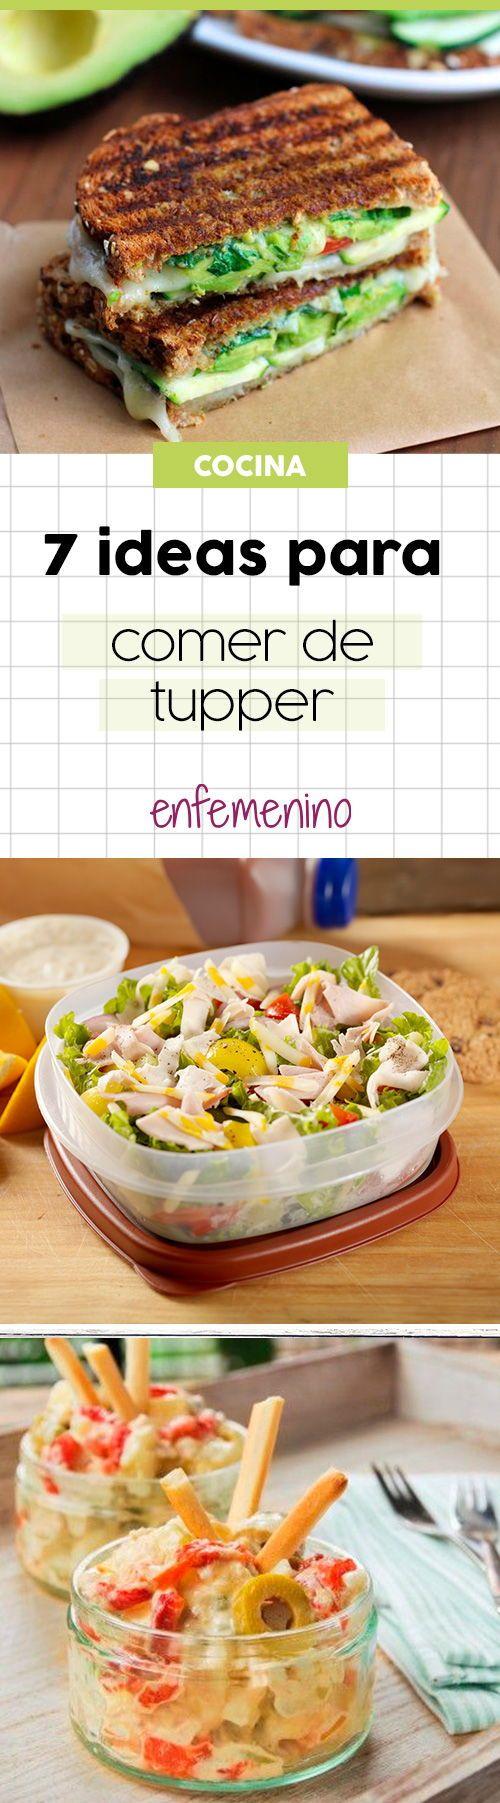 Comer de tupper no tiene por qué ser aburrido. ¡Ficha estas ideas! #tupper #cocina #recetas